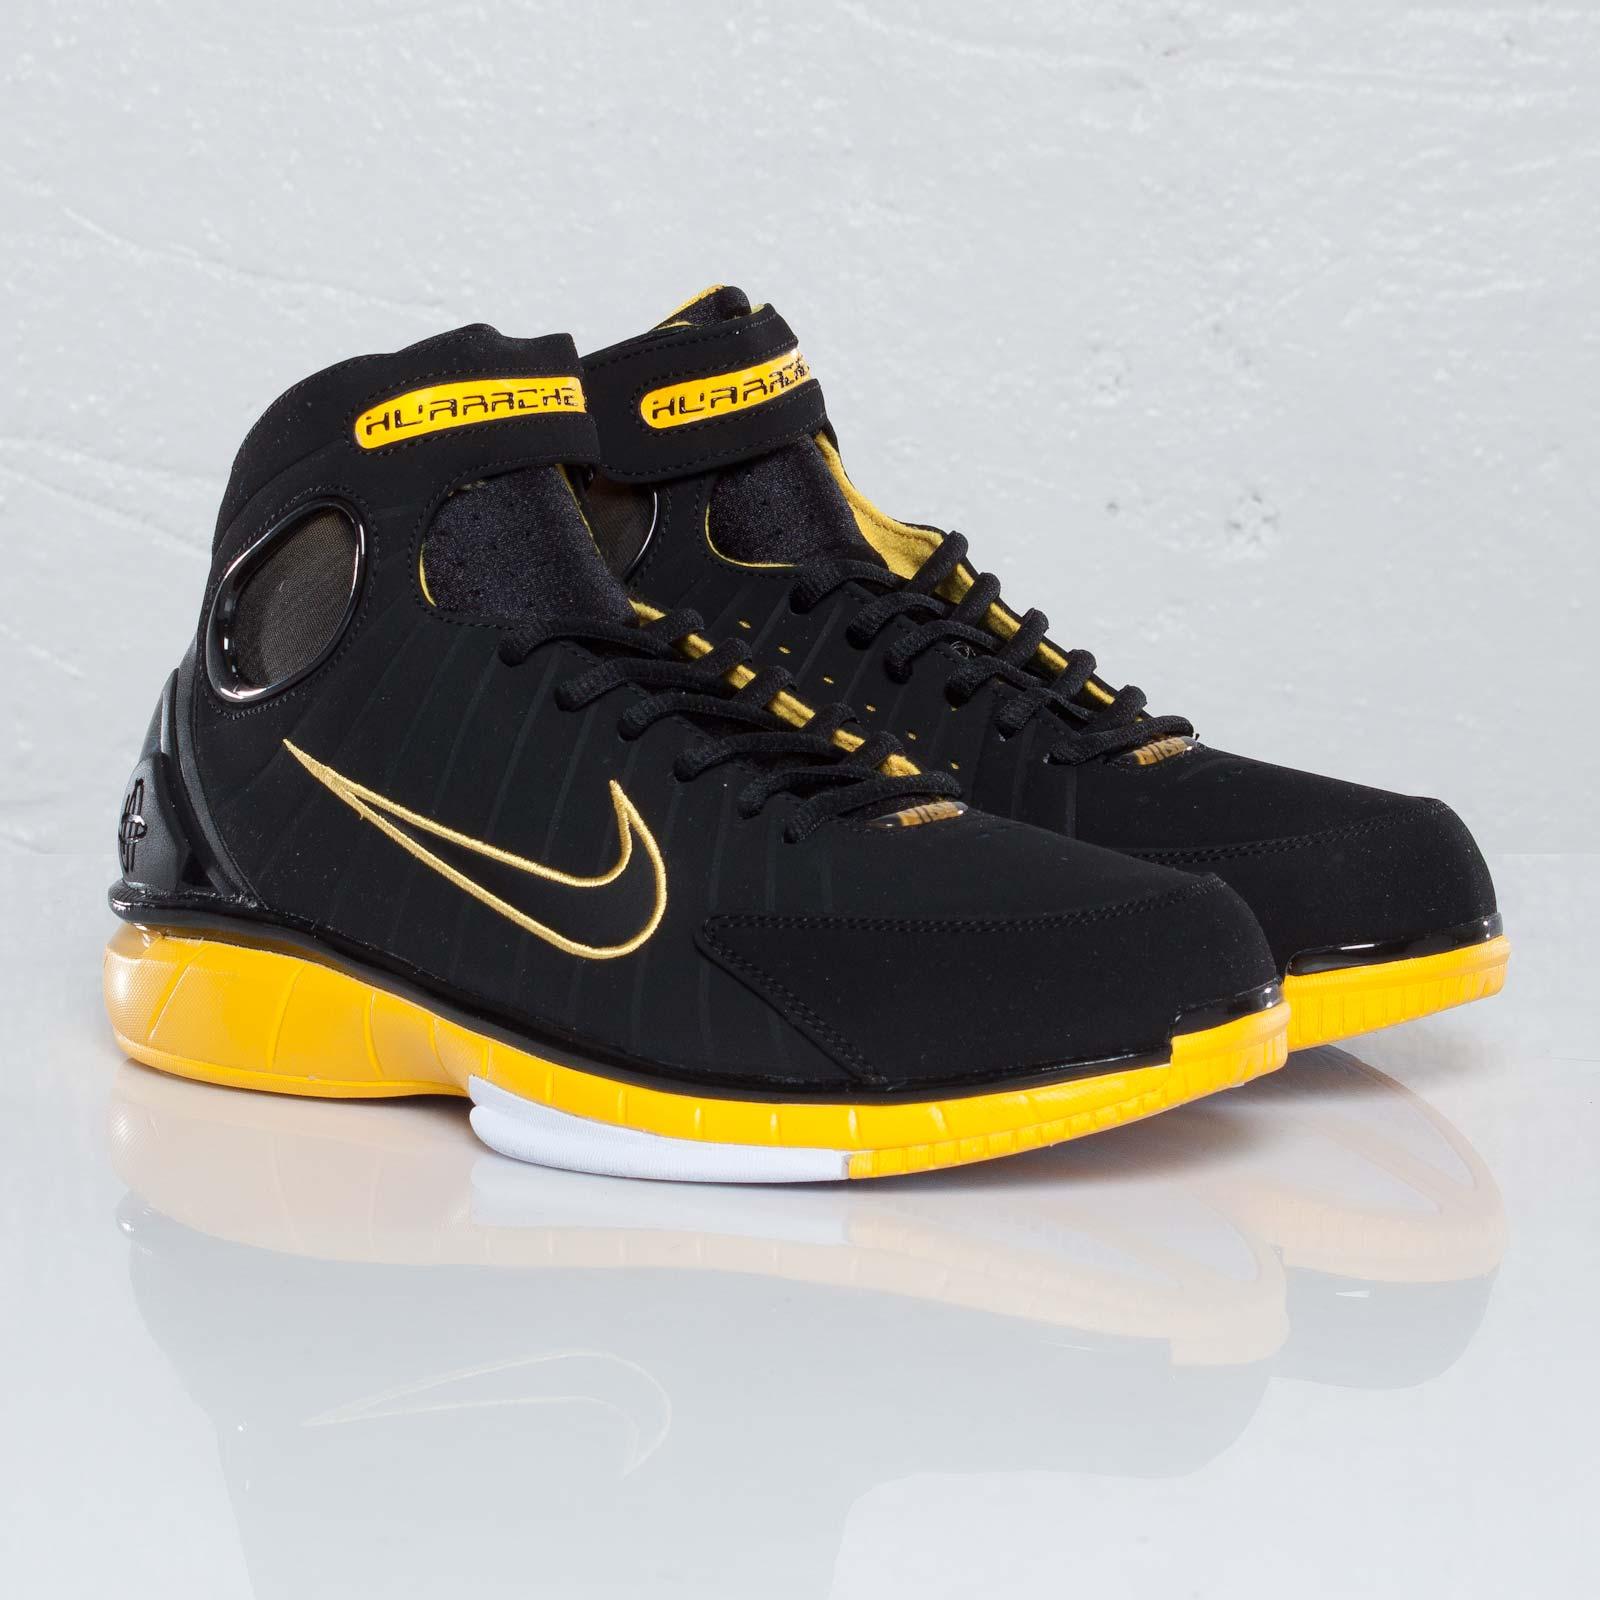 Nike Air Zoom Huarache 2k4 109965 Sneakersnstuff I